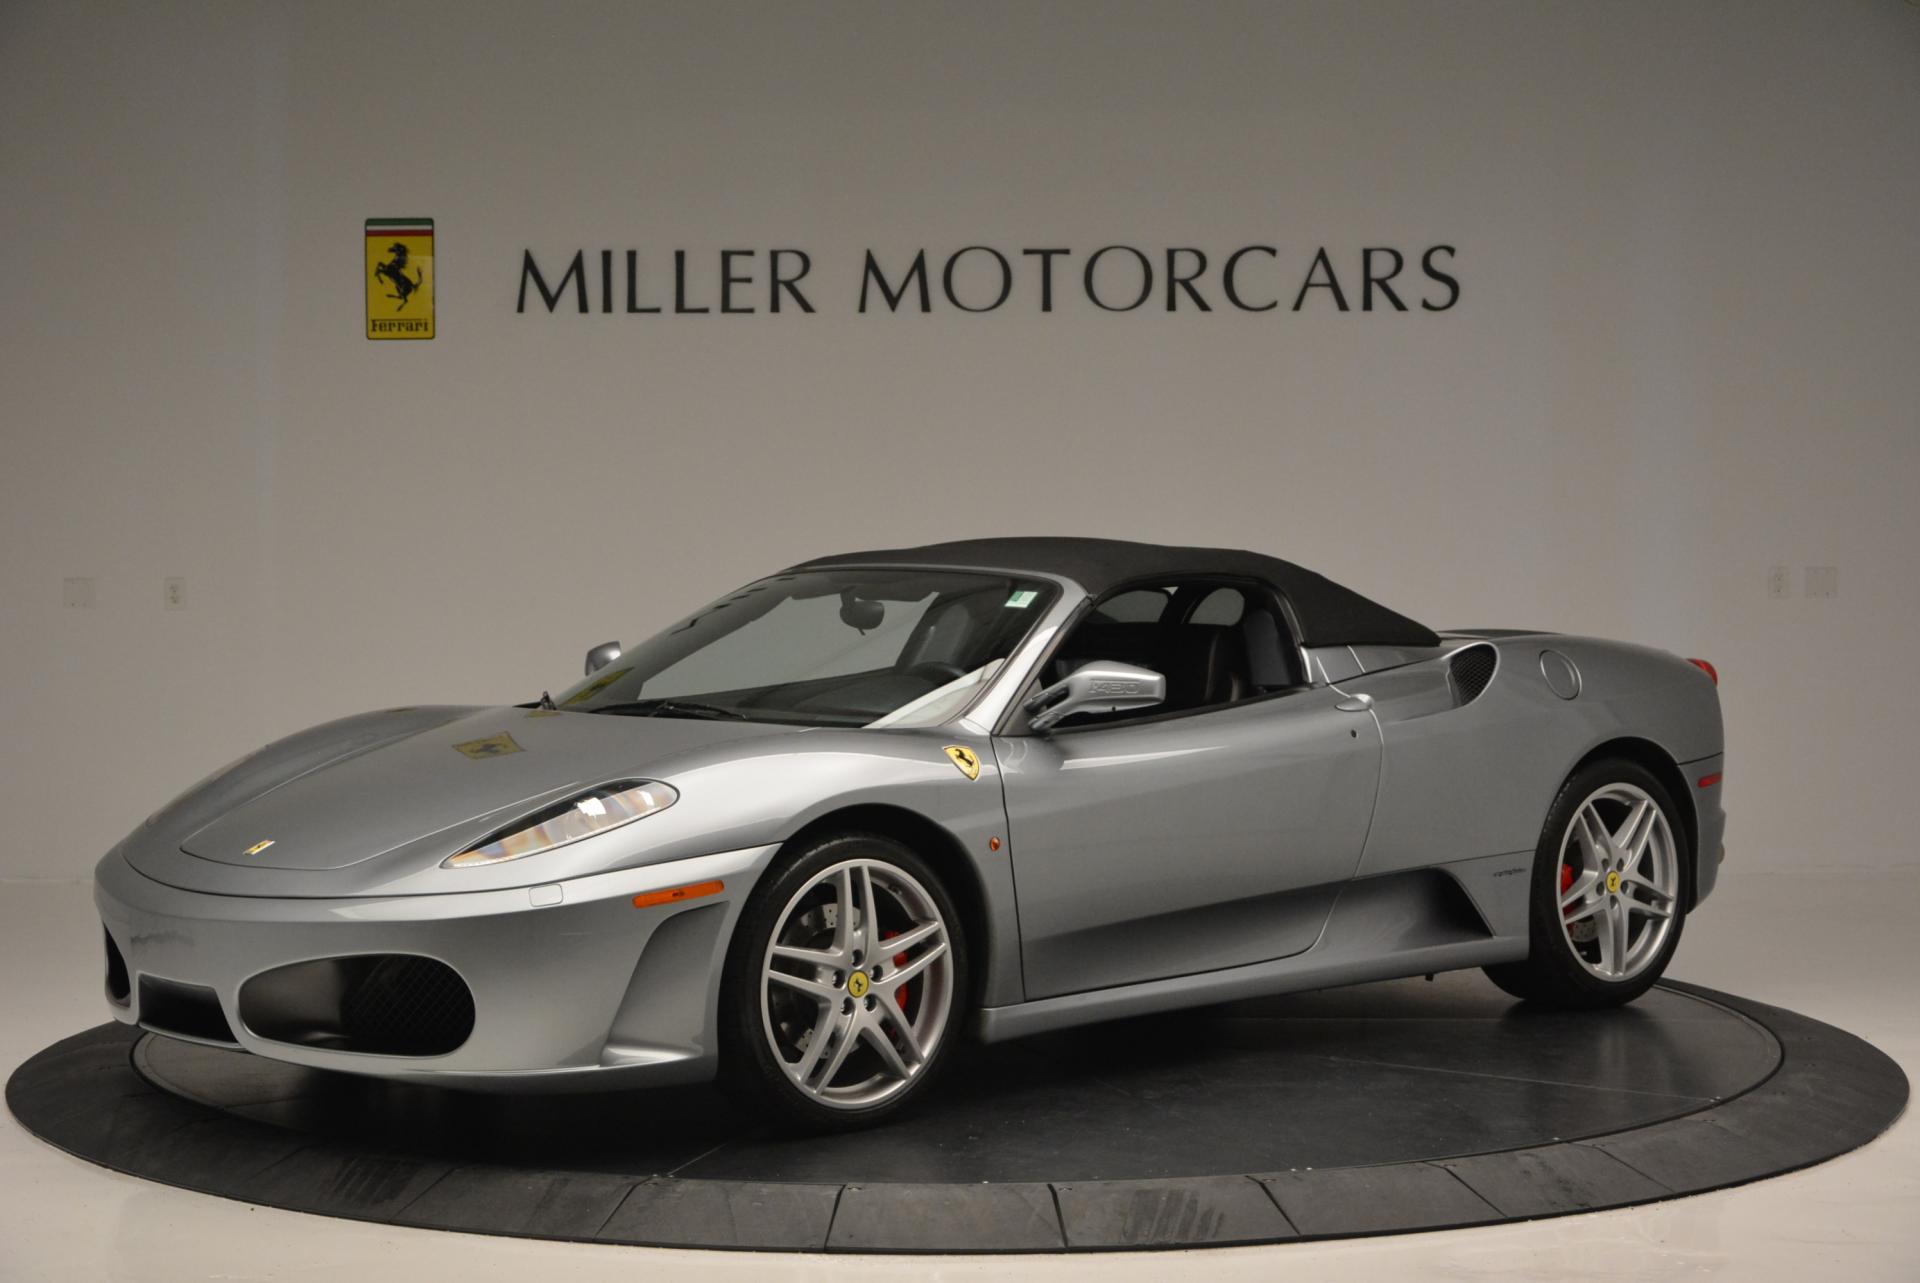 Used 2005 Ferrari F430 Spider For Sale In Greenwich, CT. Alfa Romeo of Greenwich, 4319 150_p14